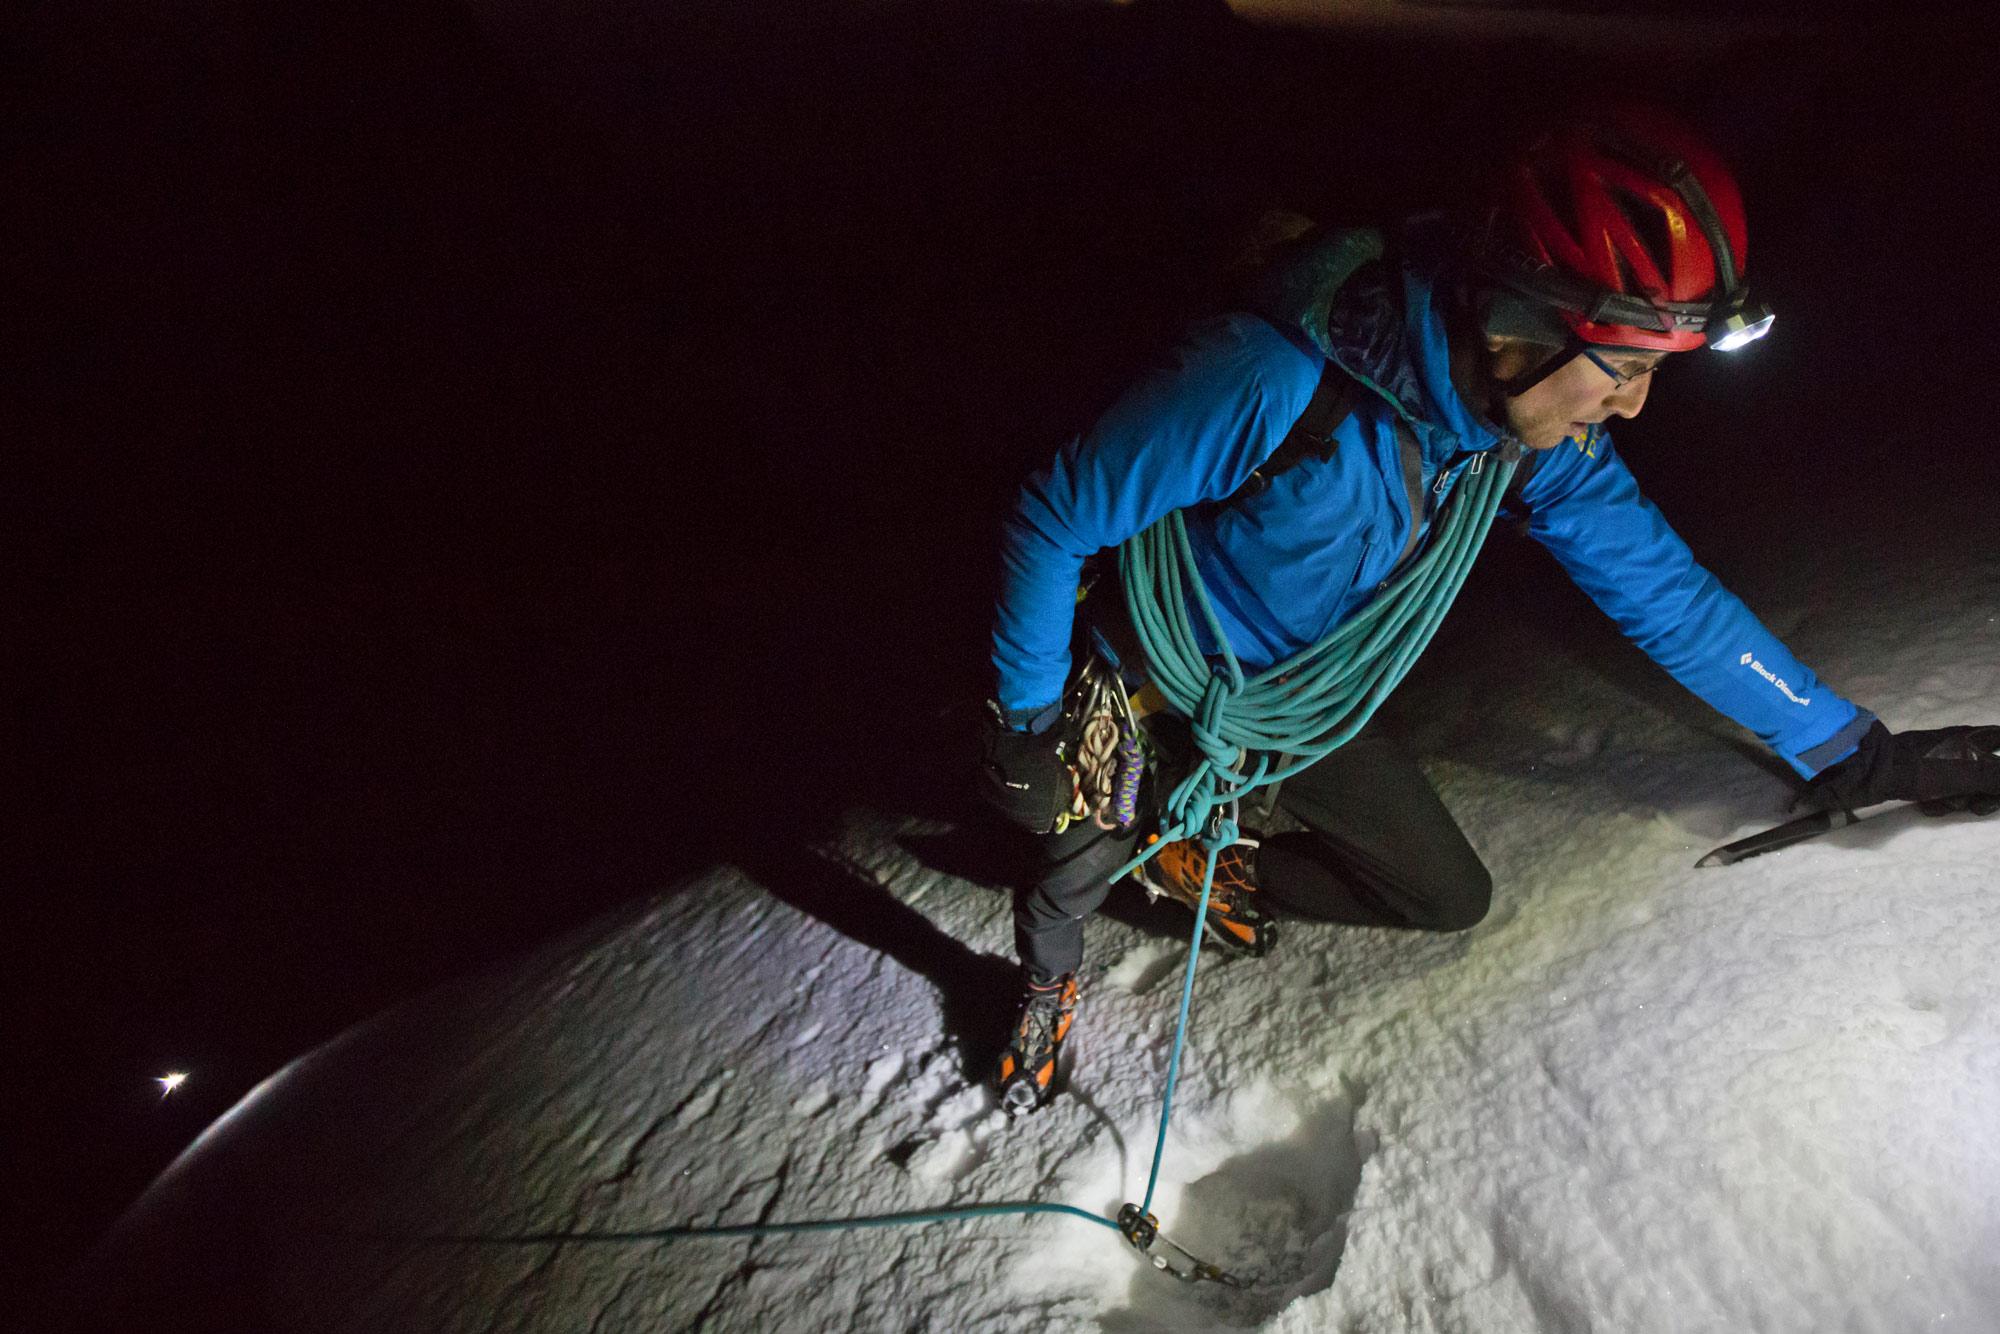 Seiltechnik aus der Grauzone. Ein Alpin-Tutorial als Foto-Story Florian König und Arne Bergau Pic by Baschi Bender